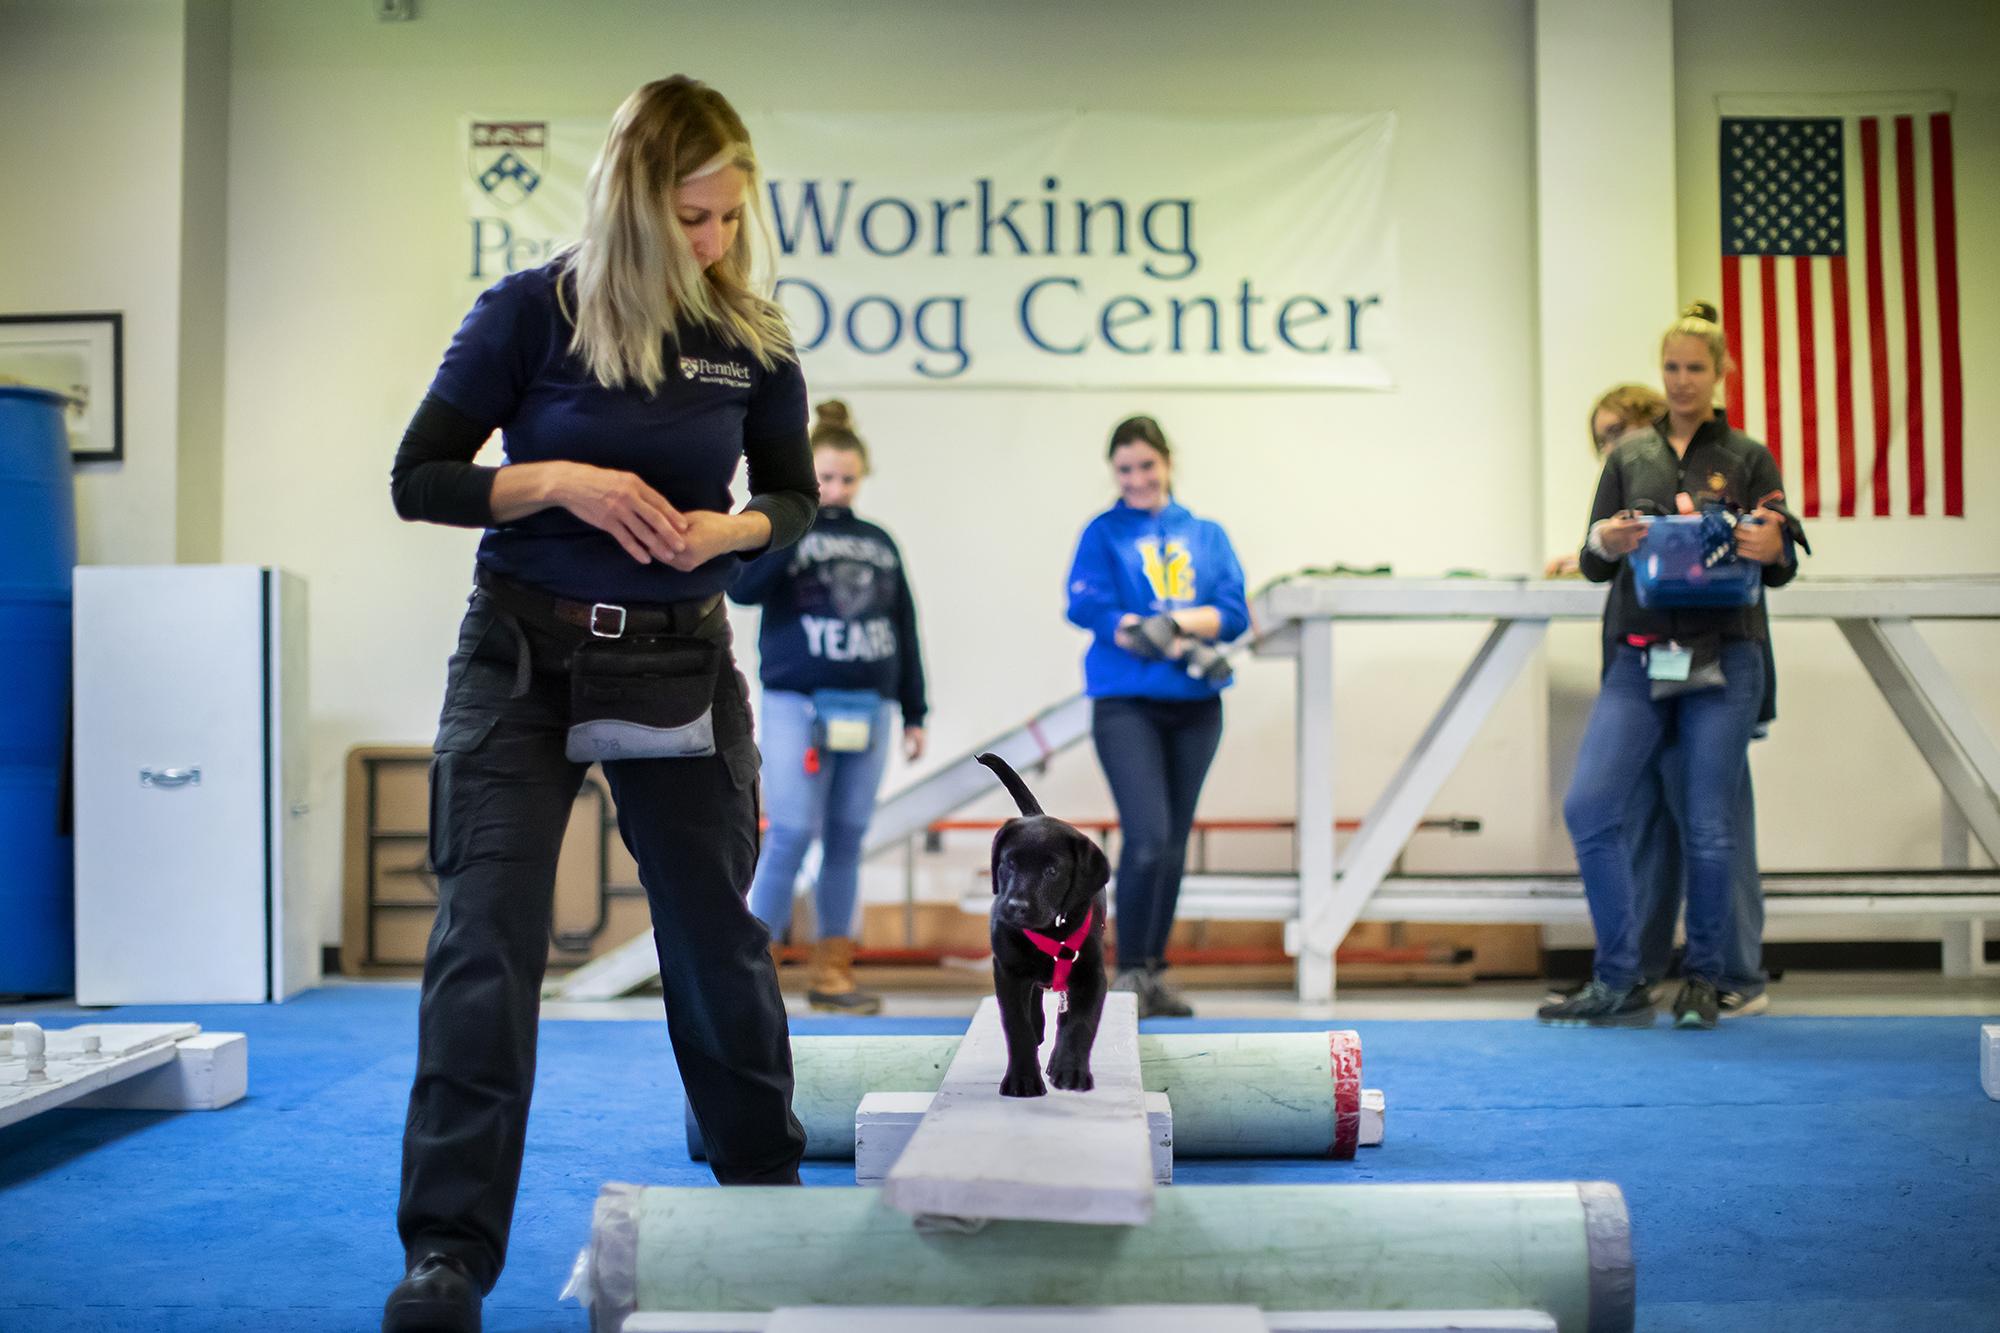 Un entraîneur du Penn Vet Working Dog Centre guide sur le lit du chien